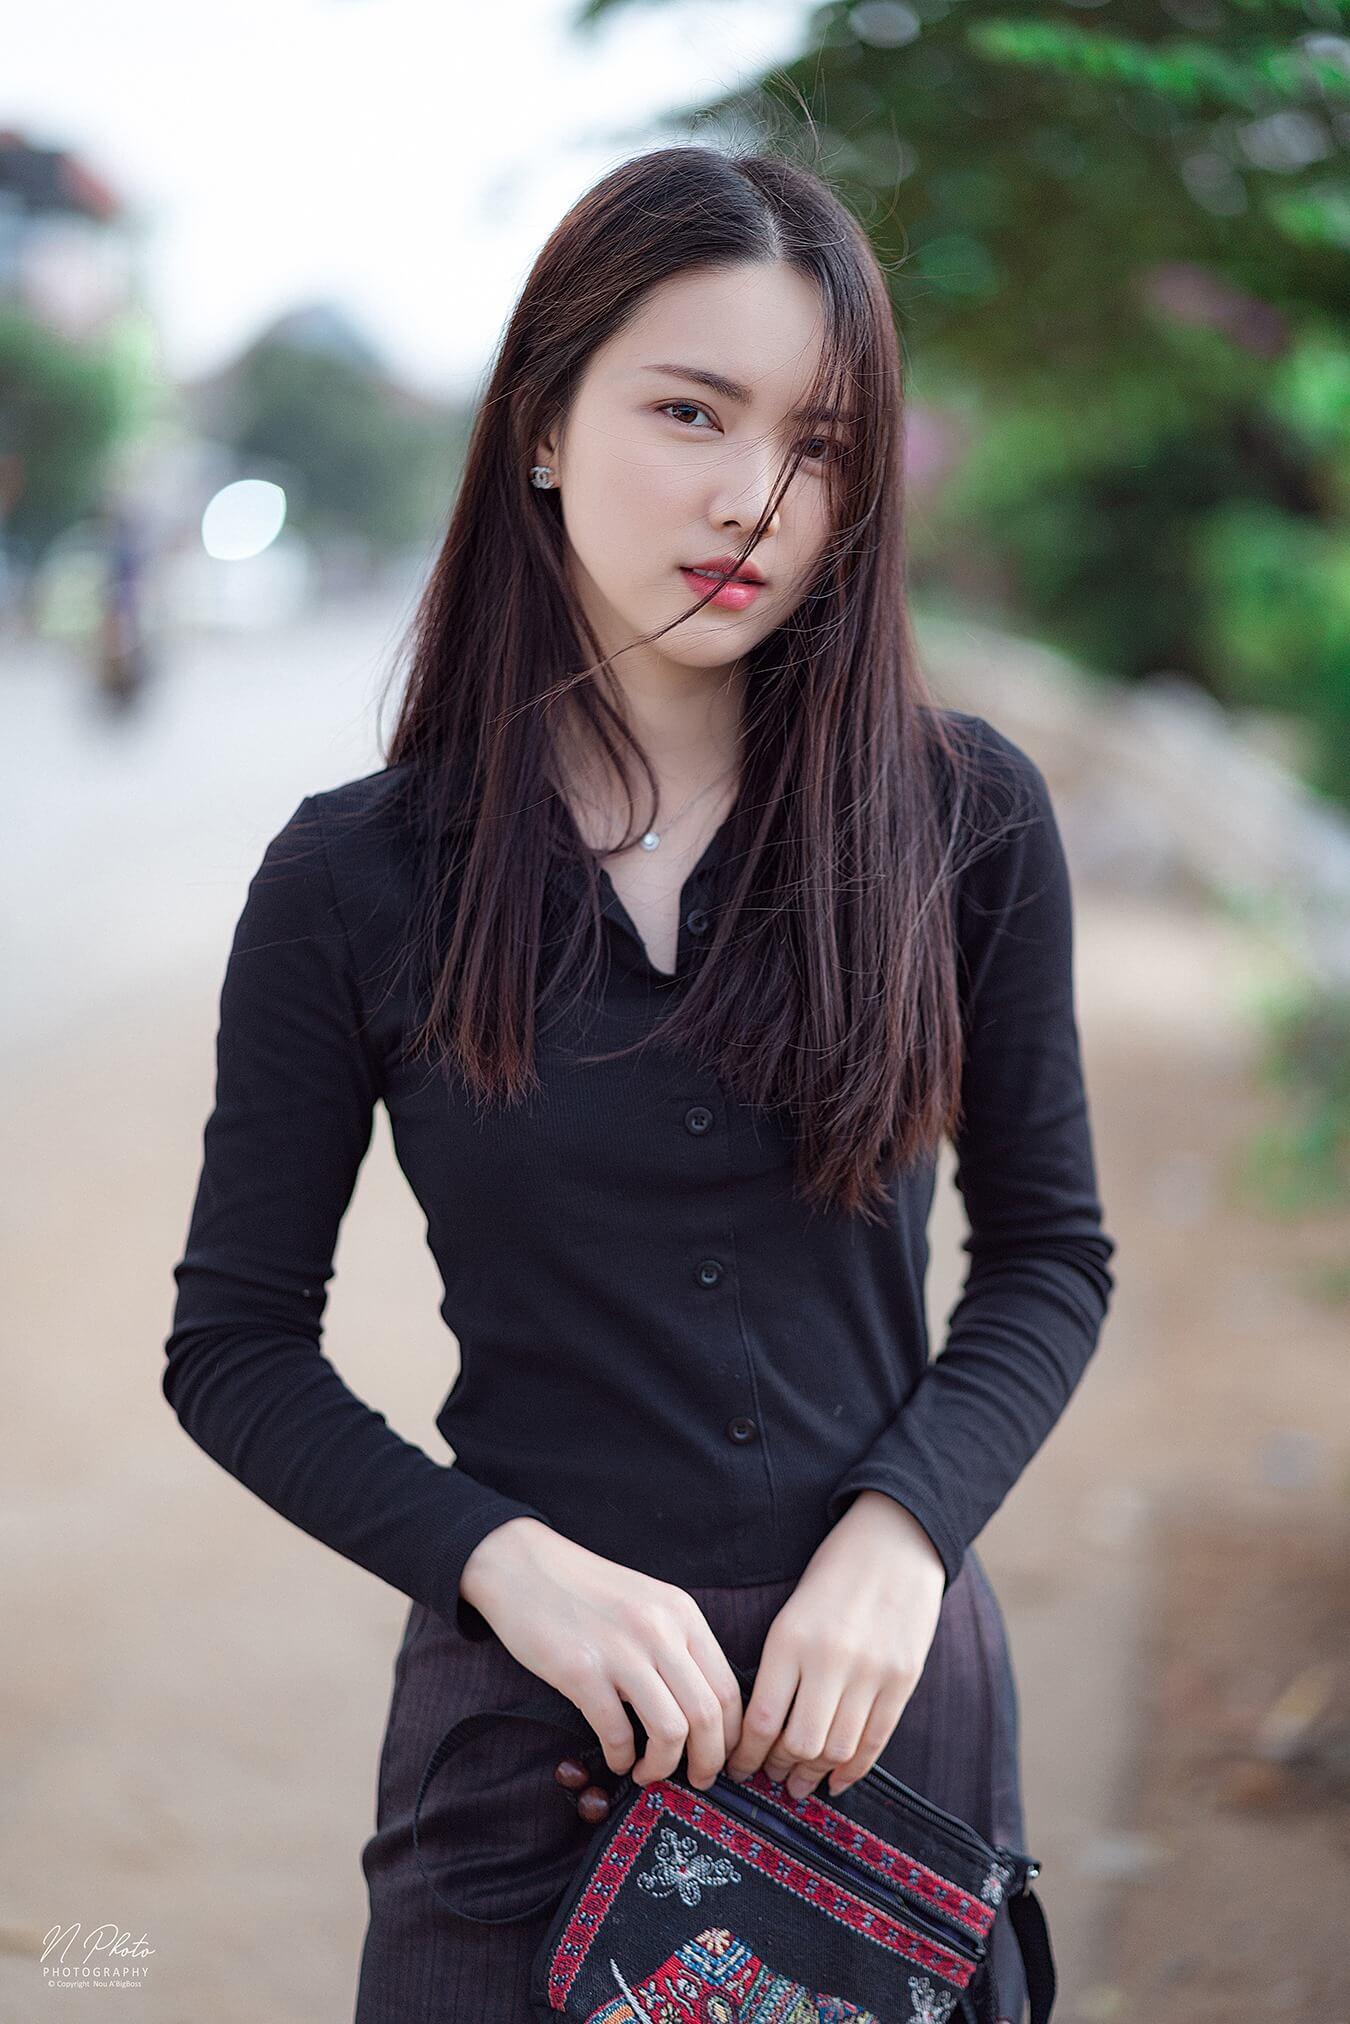 Ning Khamoeuy